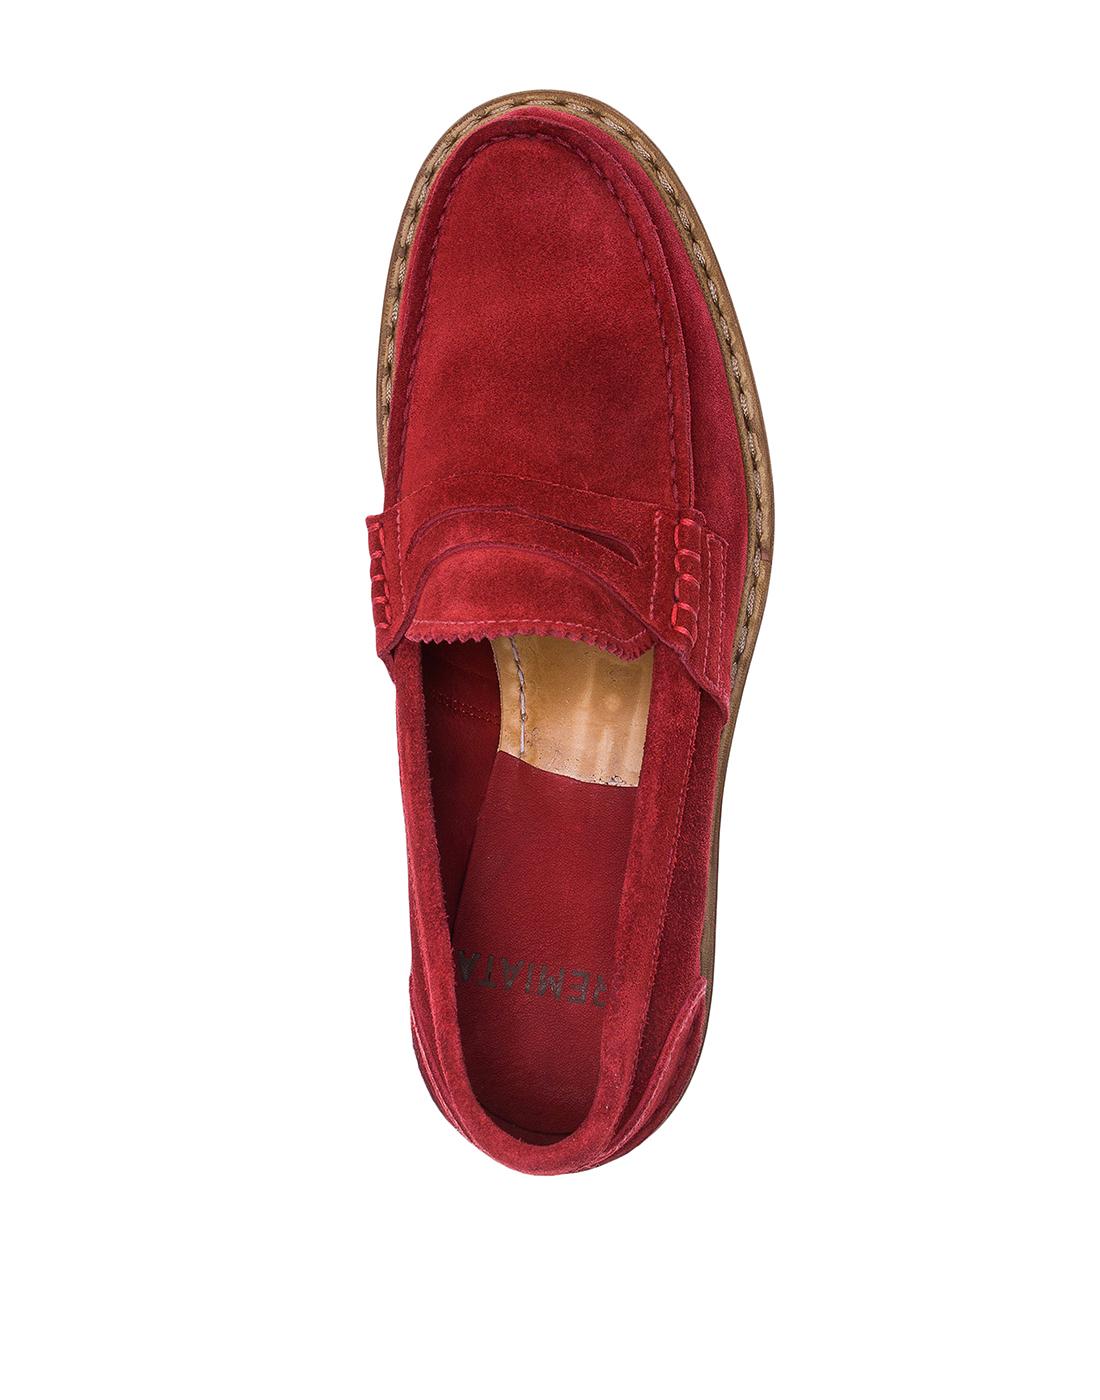 Туфли красные мужские Premiata S31404-5